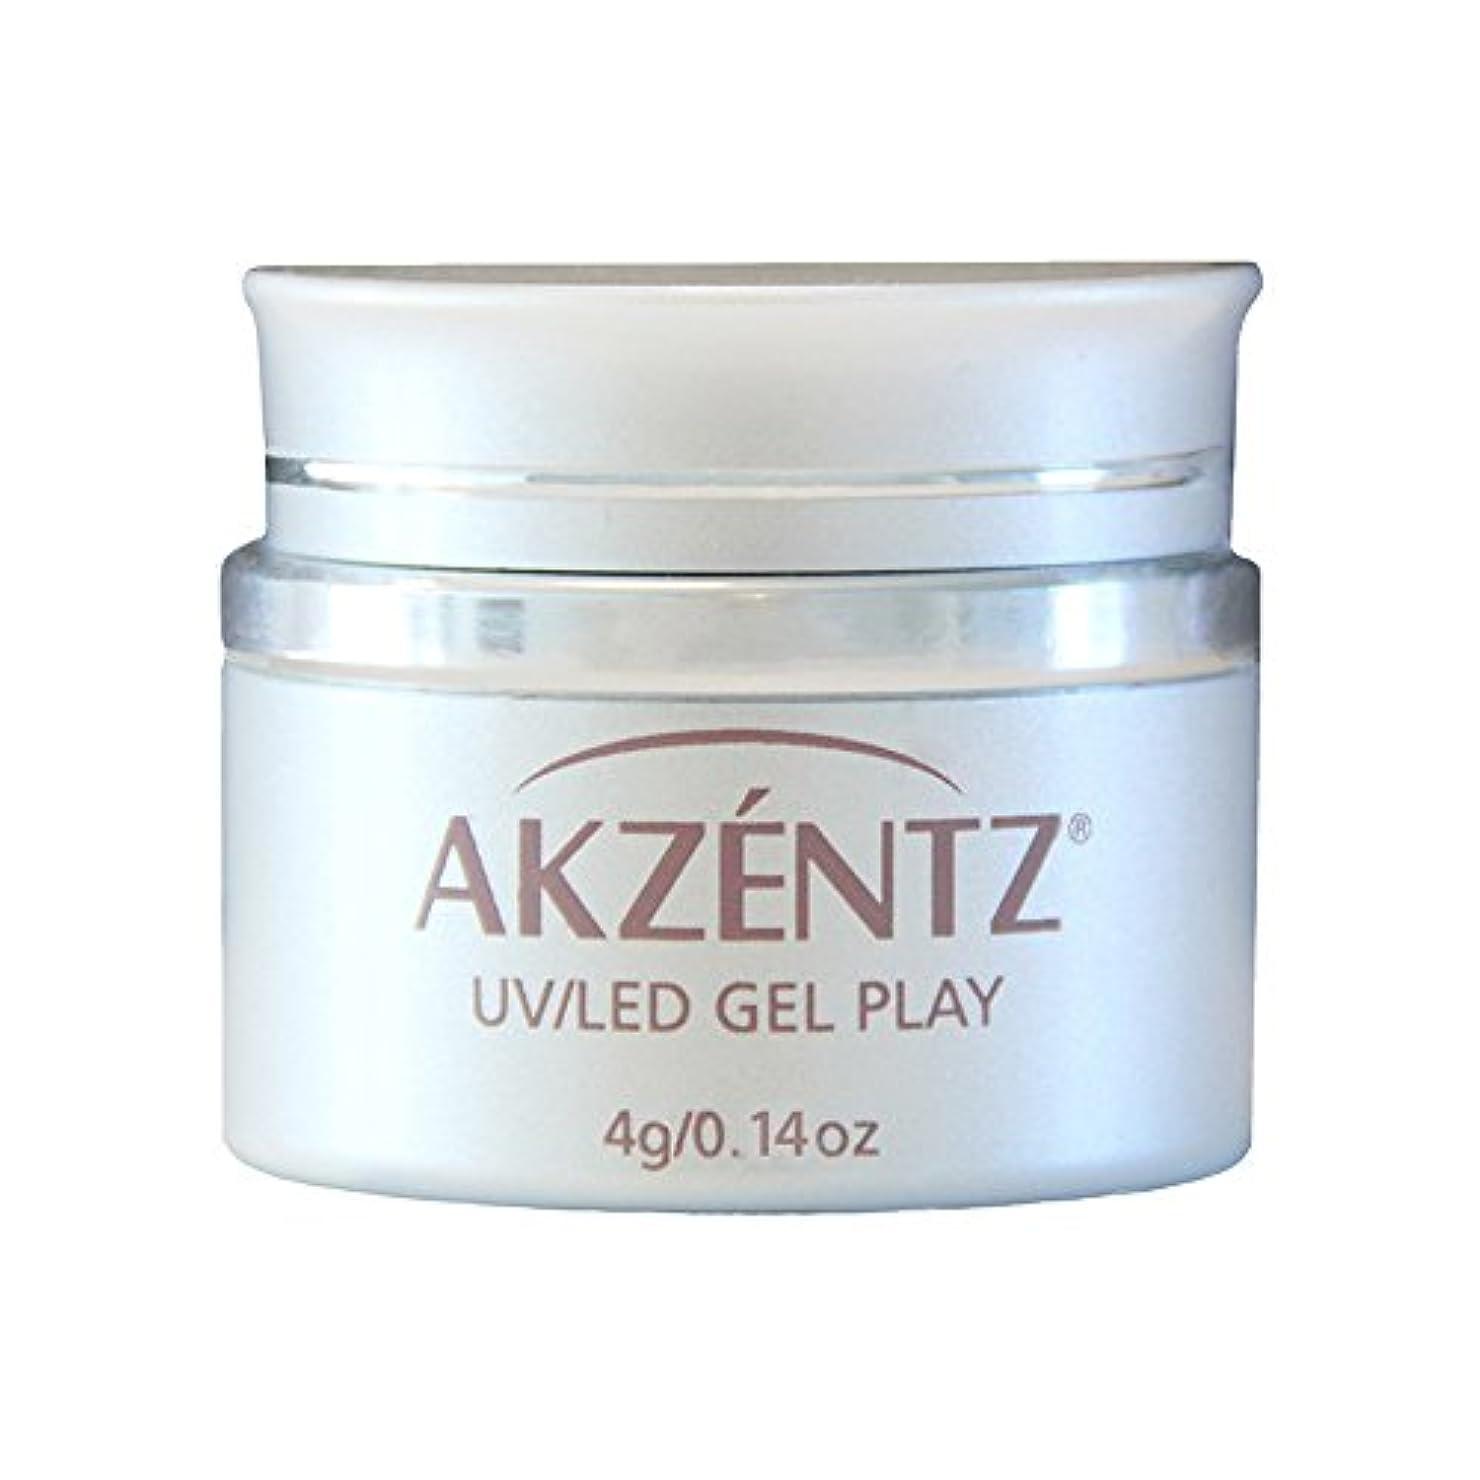 と遊ぶ二度責AKZENTZ カラージェル ジェルプレイ ペイントホワイト 4g UV/LED対応